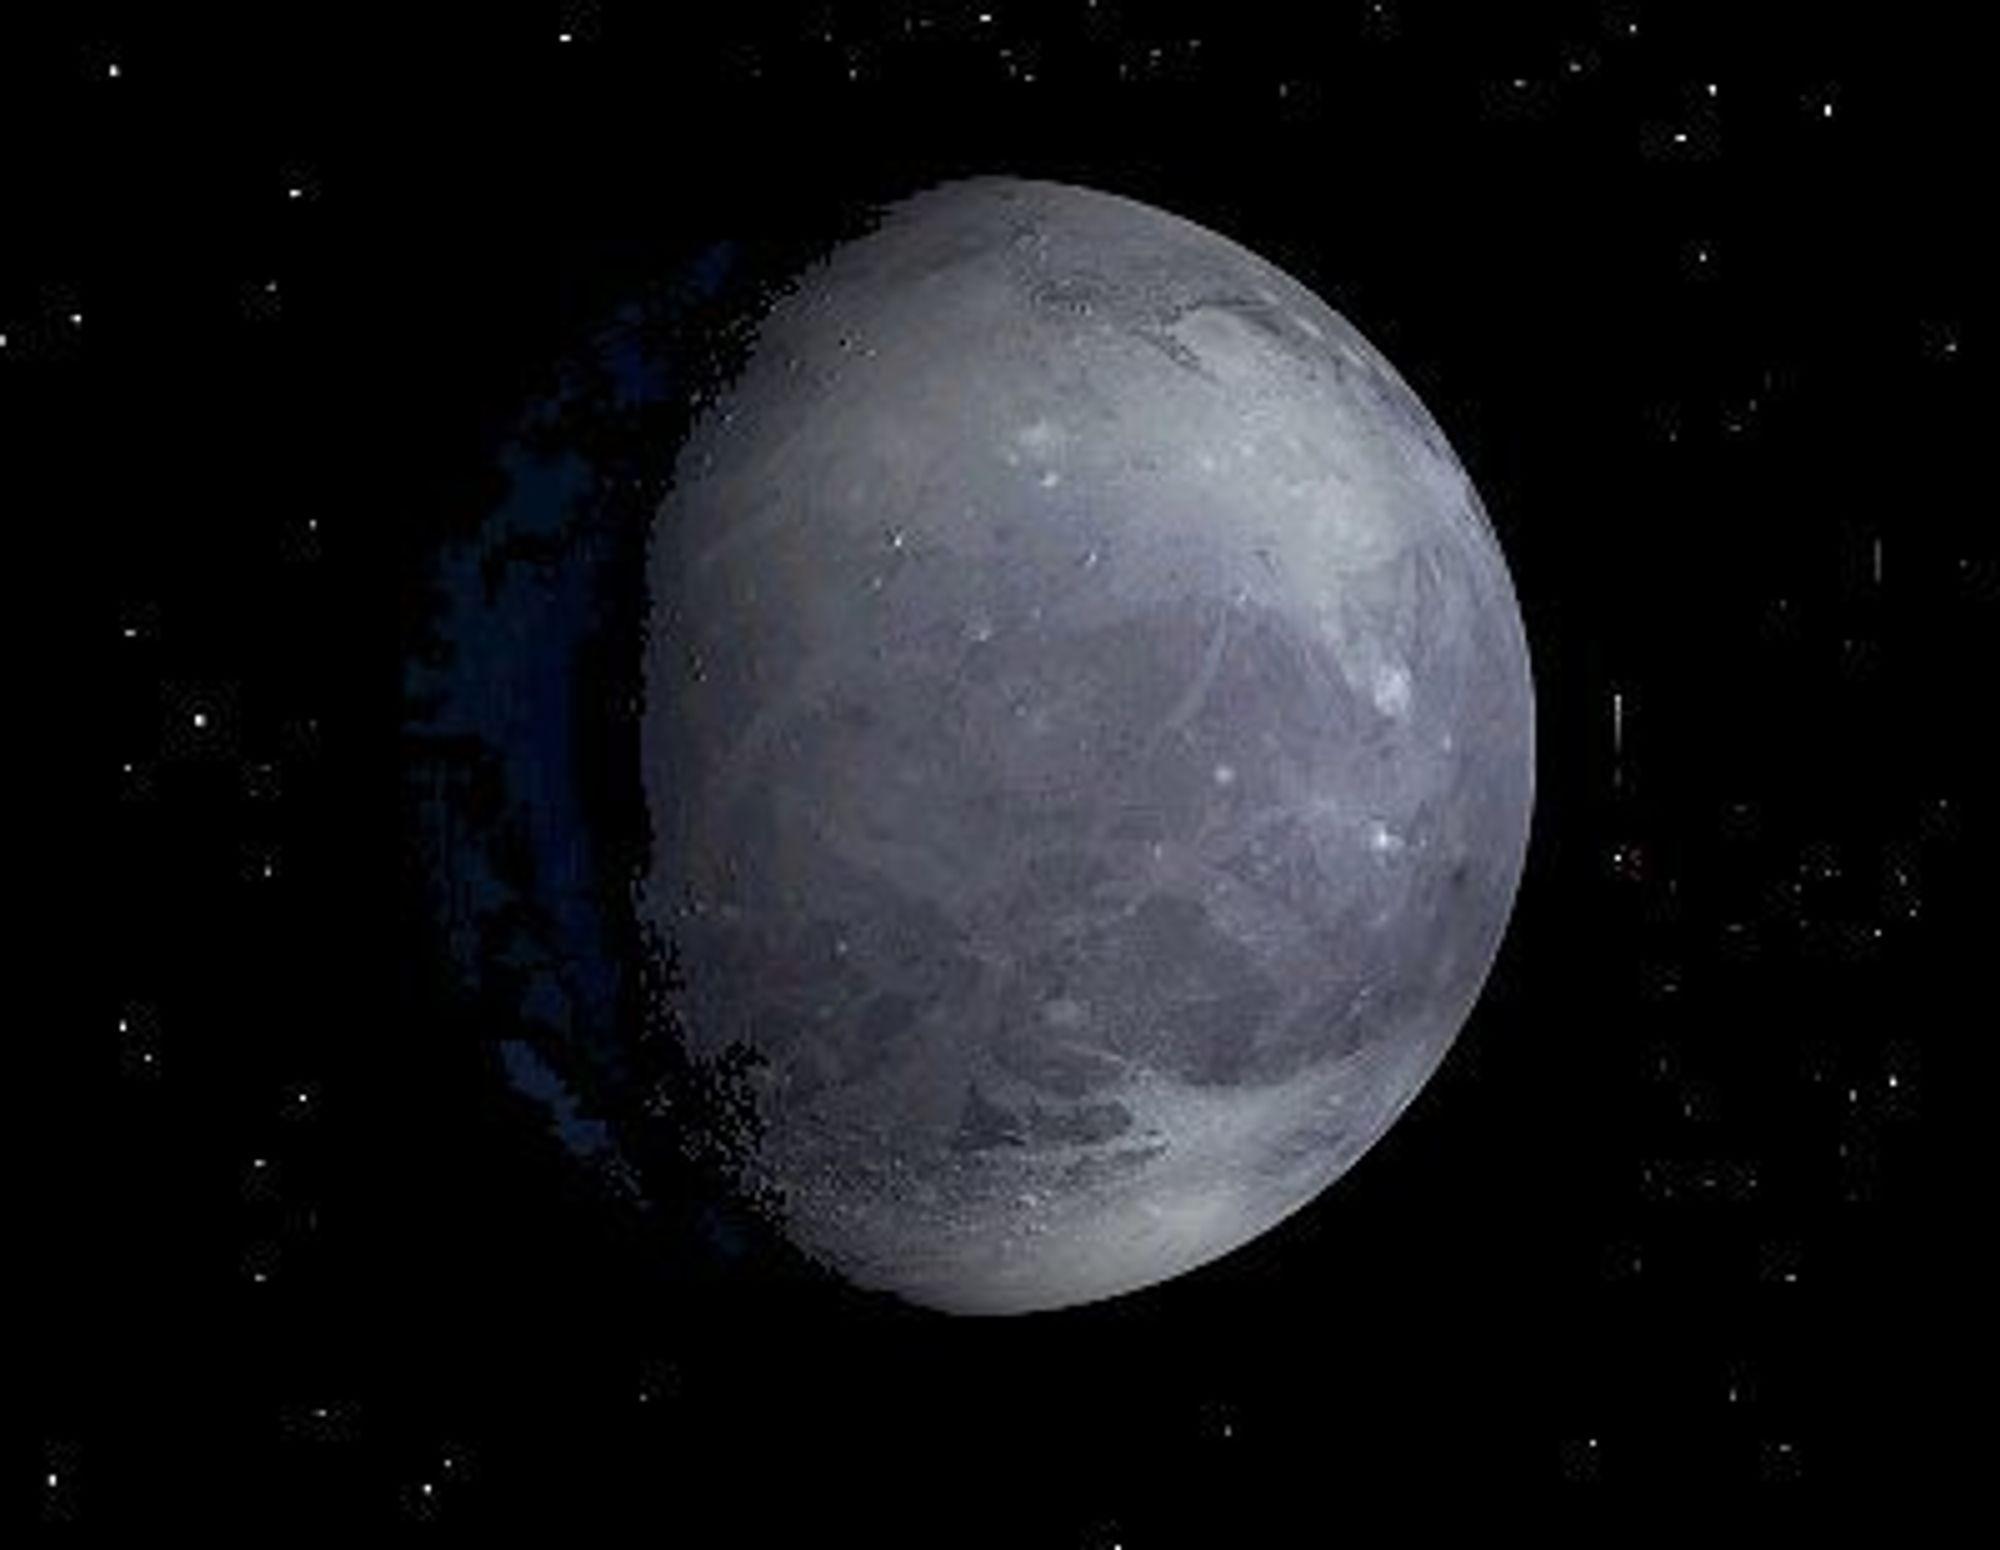 I 76 år fikk Pluto være en planet. Nå er det en dverg i vårt planetsystem - og den er ikke engang den største dvergen.